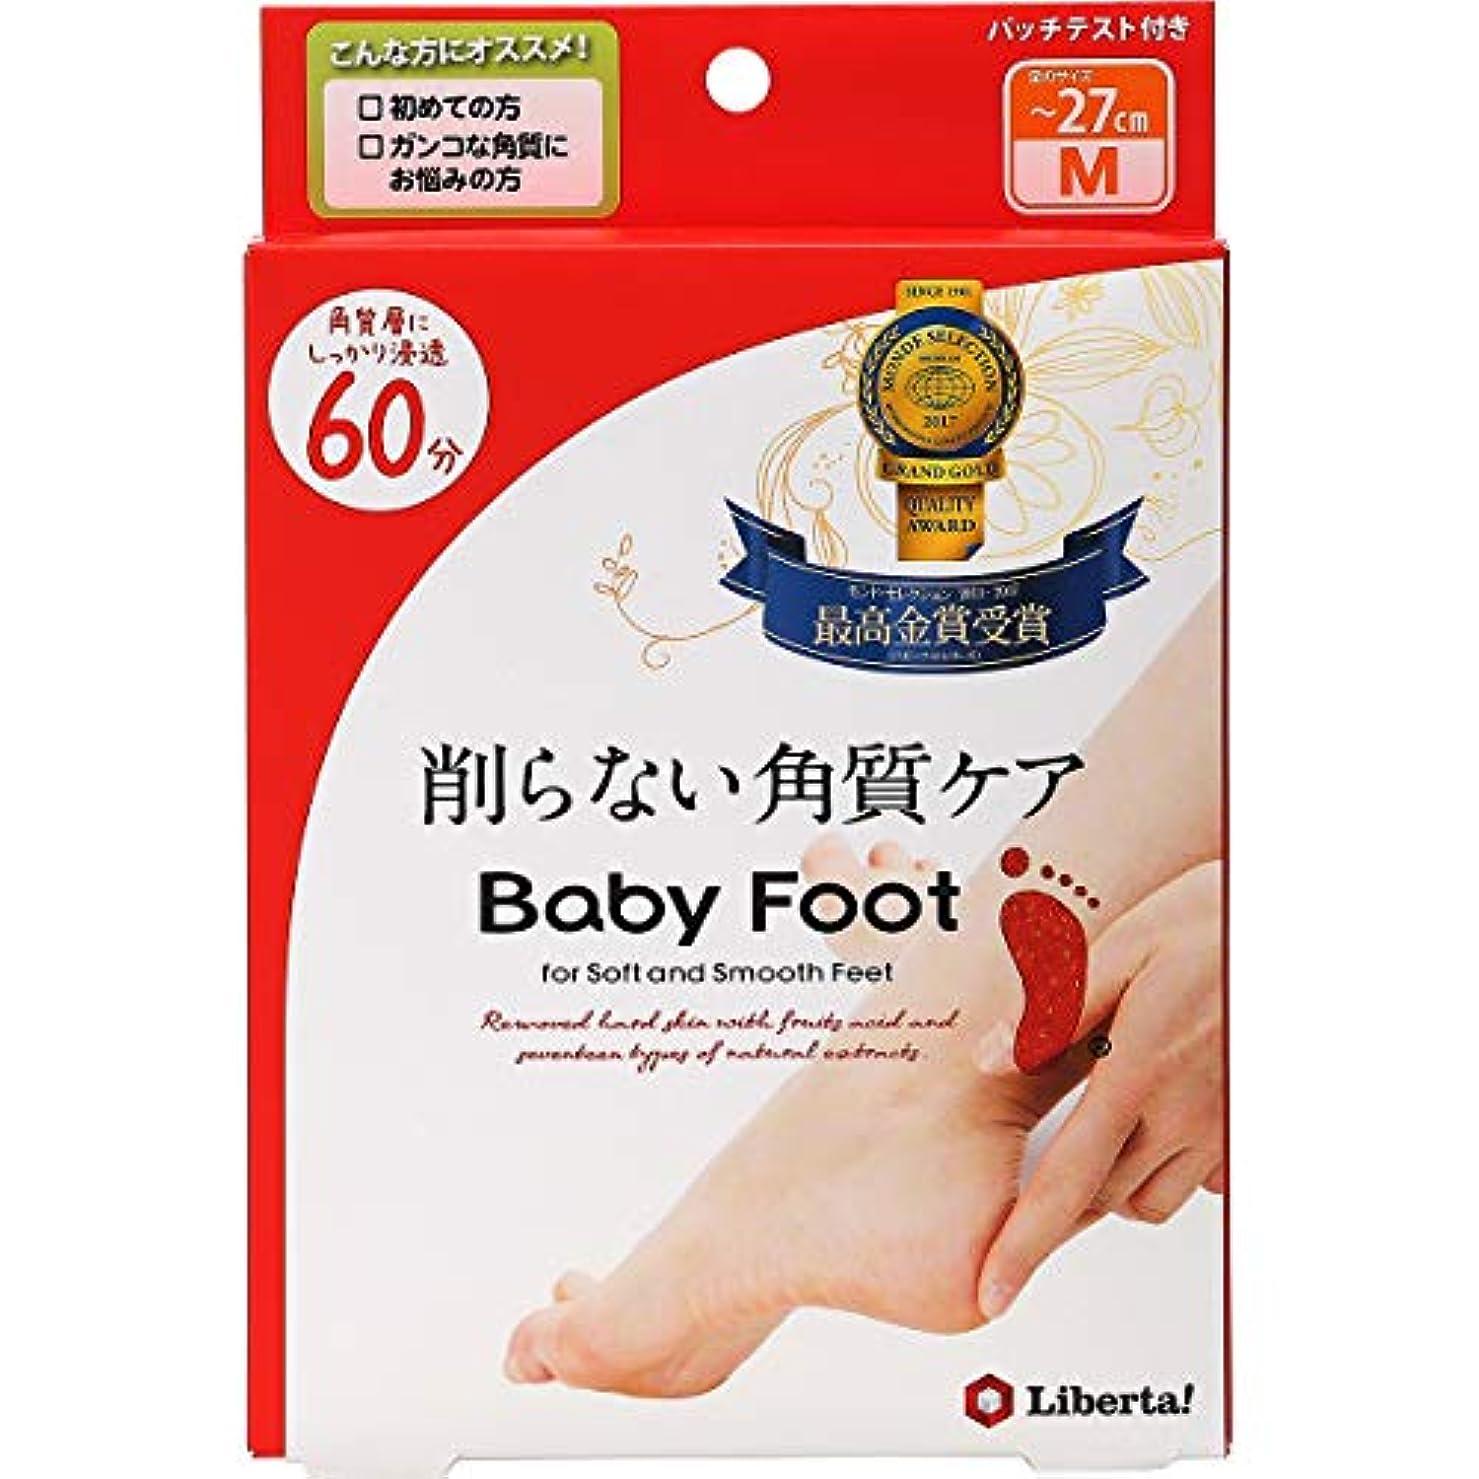 恒久的従順子羊ベビーフット (Baby Foot) ベビーフット イージーパック SPT60分タイプ Mサイズ 単品